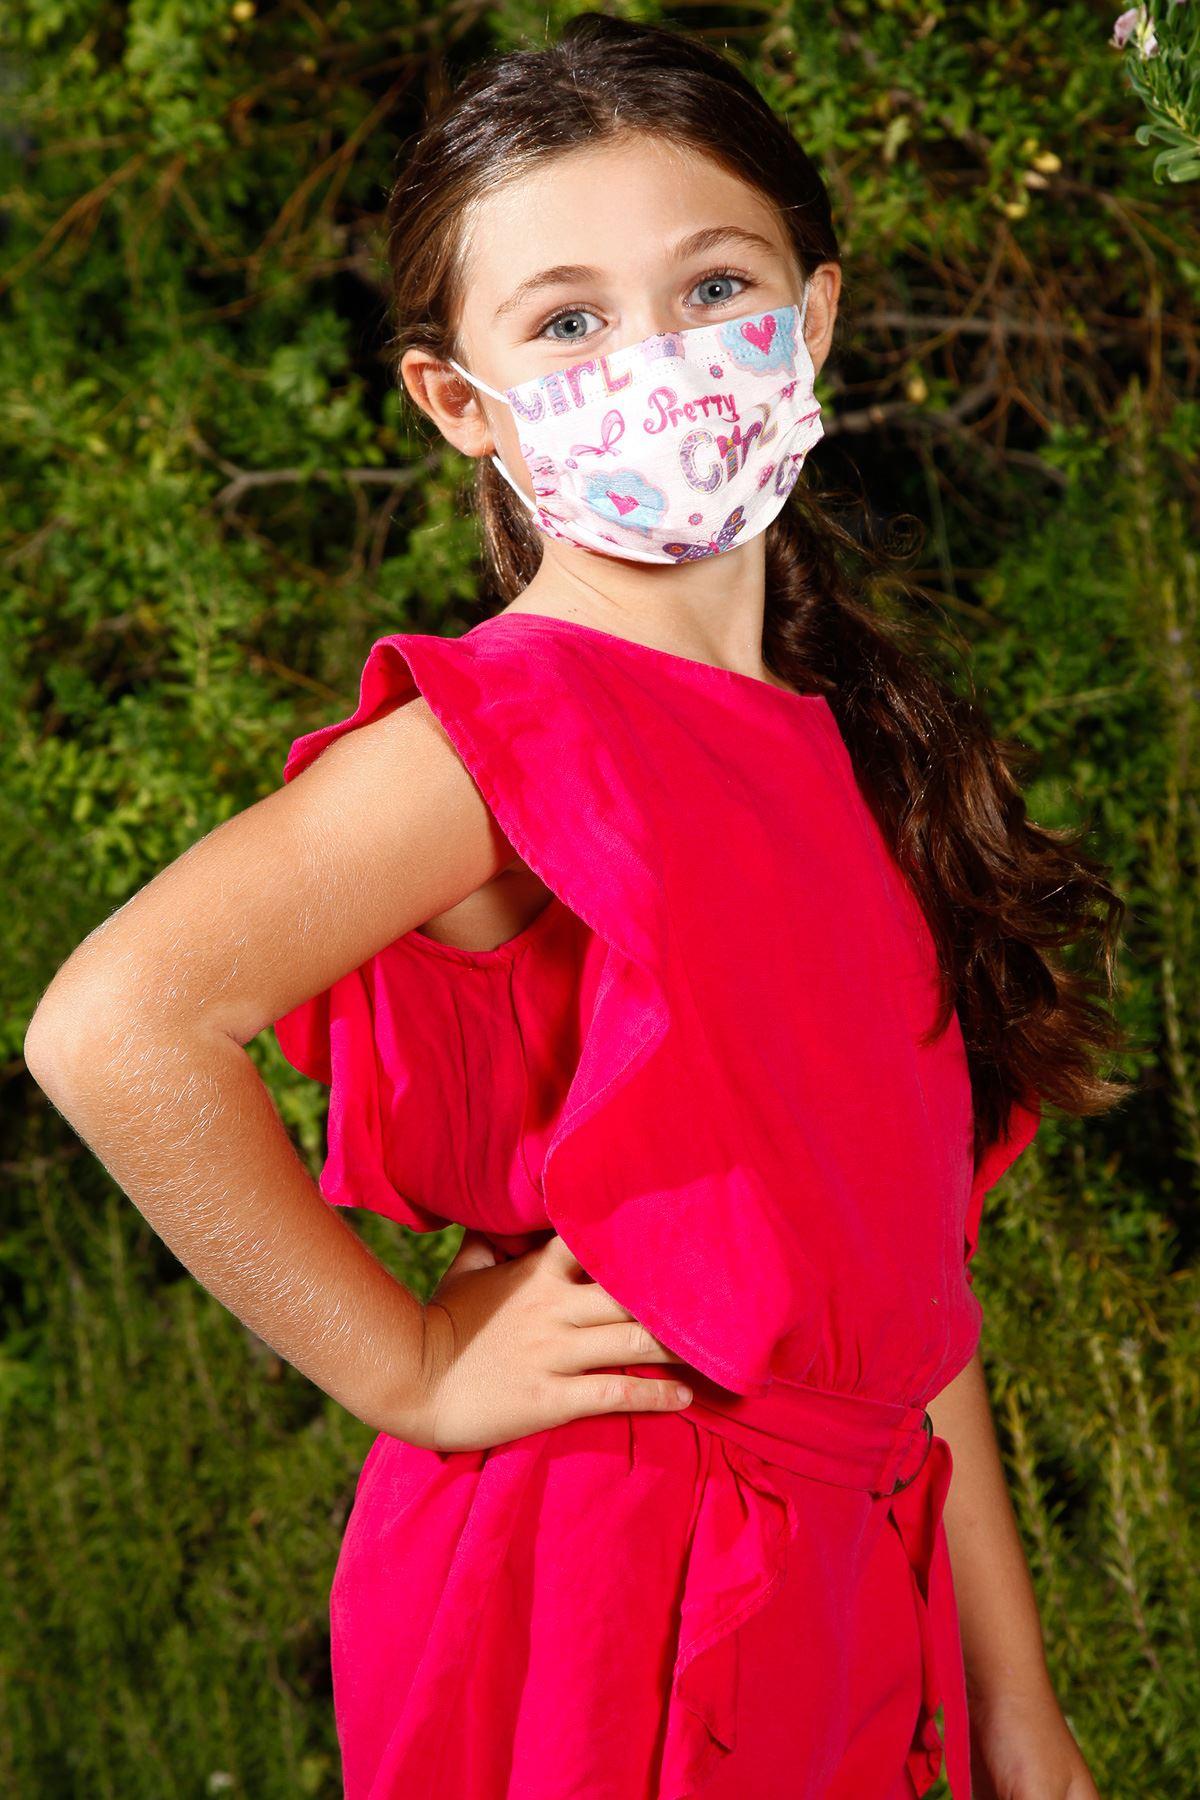 Одноразовые эластичные медицинские детские маски для лица с рисунком бабочки 10 Pack